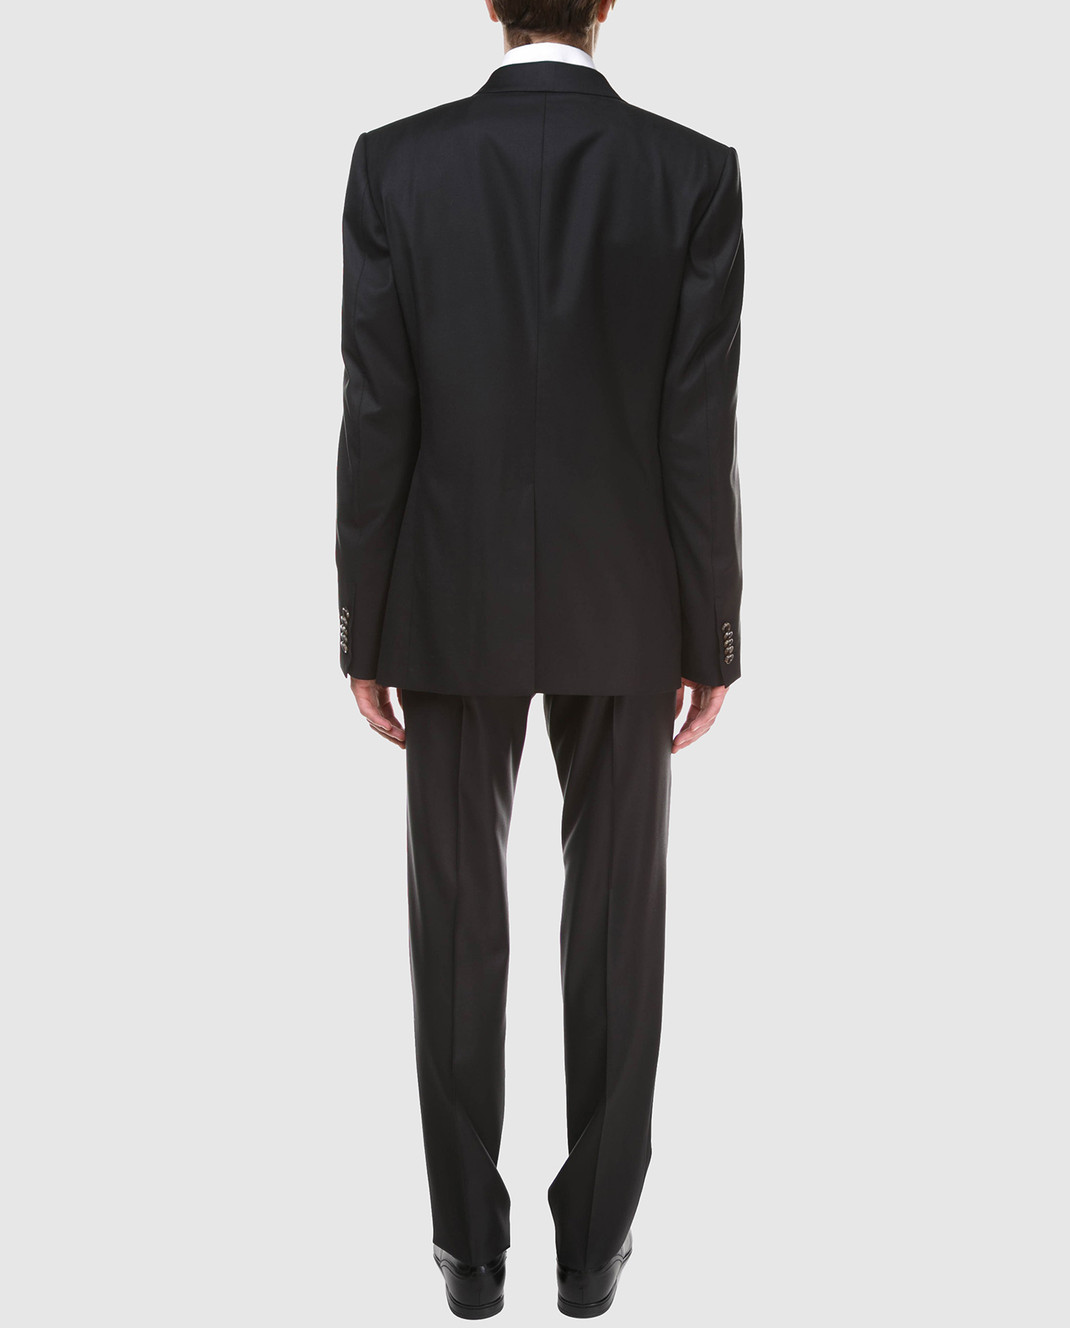 Gucci Черный костюм 450542 изображение 4